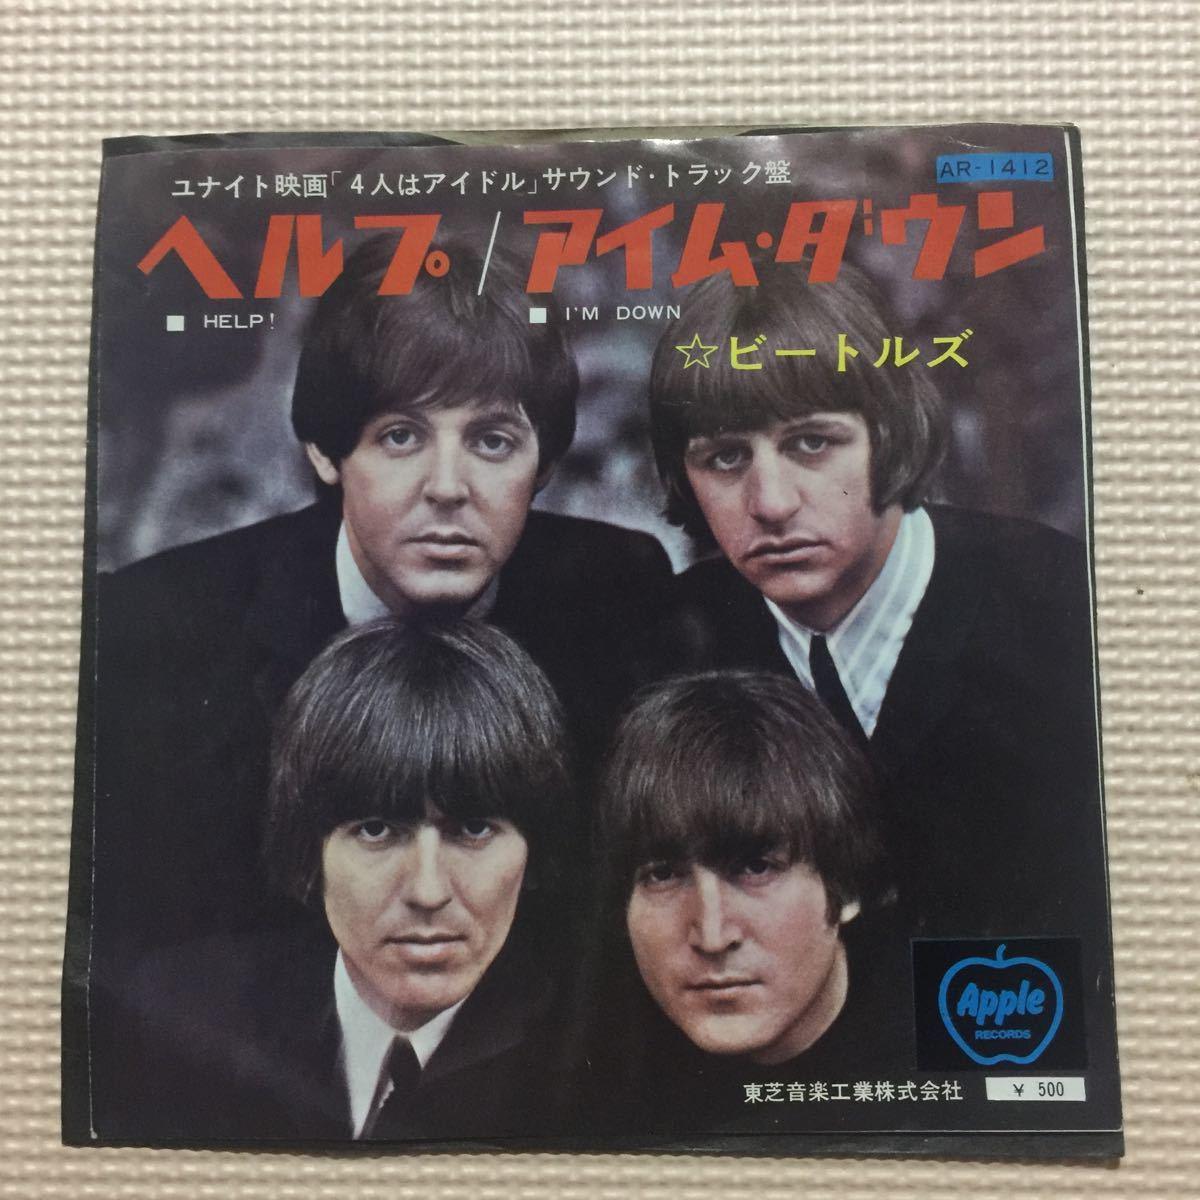 ザ ・ビートルズ ヘルプ 国内盤7インチシングルレコード【アップル盤】